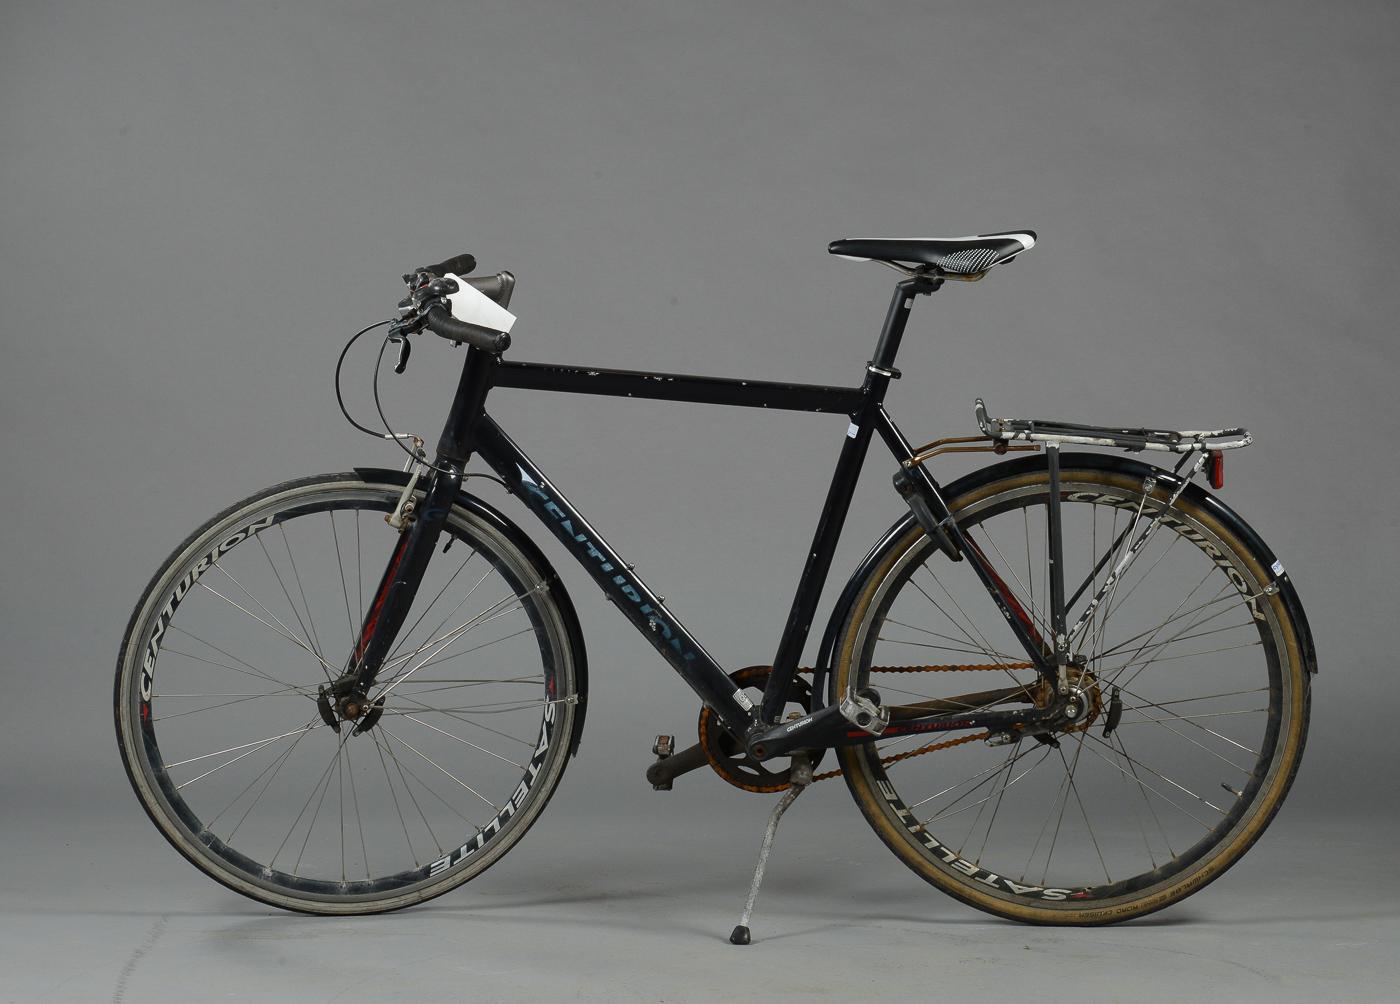 Centurion, herrecykel. 5787 - Herrecykel fra Centurion med syv gear. Fremstår med brugsspor, rust på kæde og skruer. Låst. Stel str. 58cm. Stel nr. WAK38535D Auktioner over hittegods, cykler, og koster fra Københavns Politi Se alle auktionerne her OBS! OBS! Venligst vær...